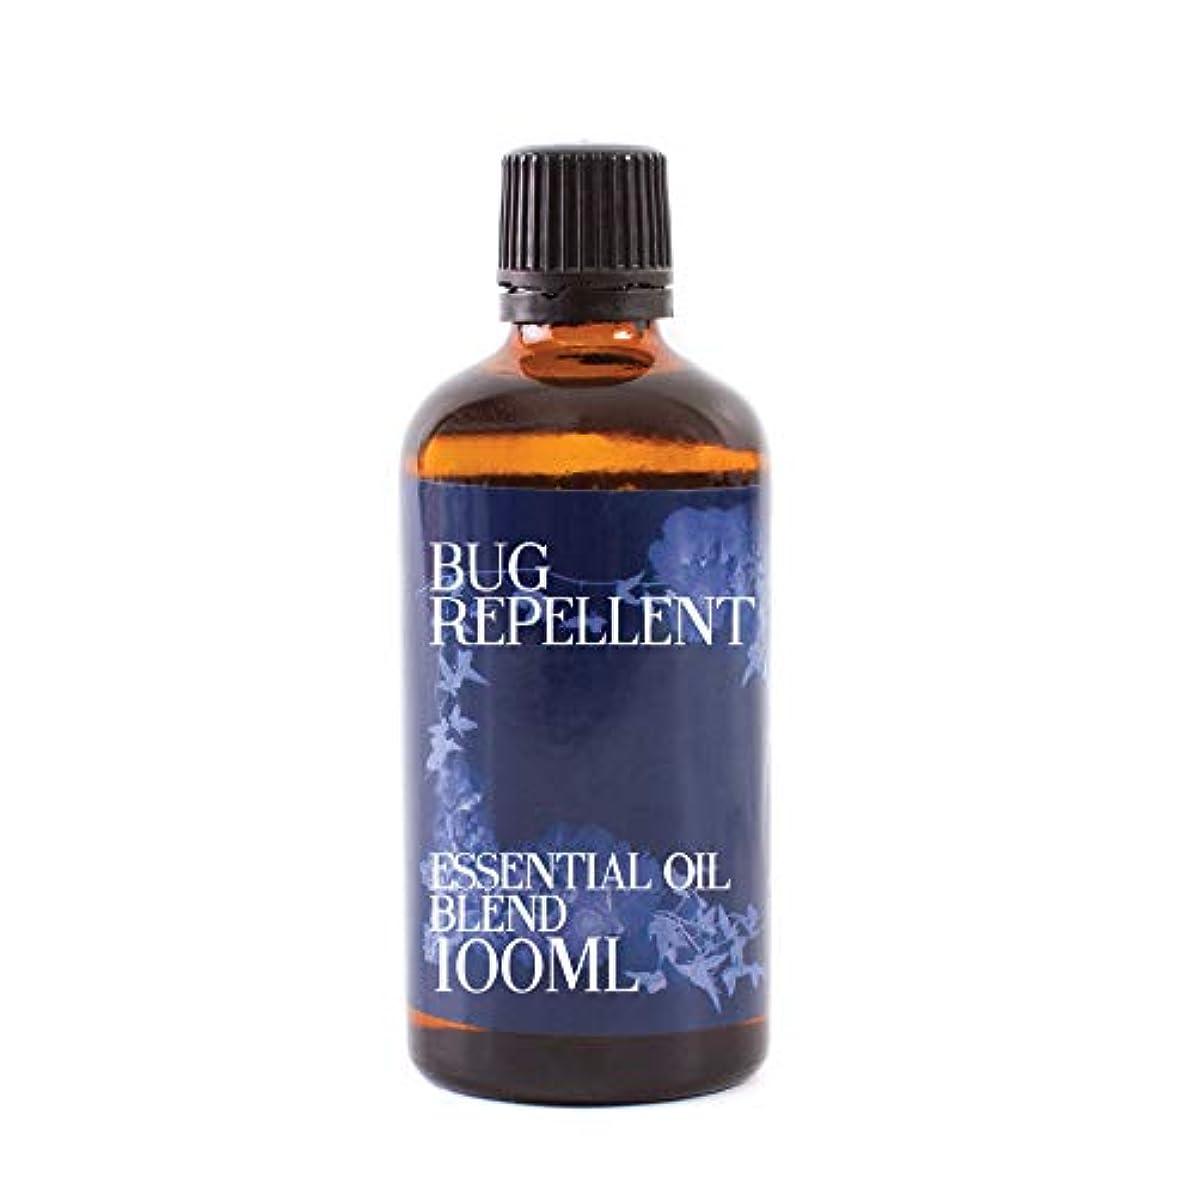 引き出す時間とともに養うMystix London   Bug Repellent Essential Oil Blend 100ml